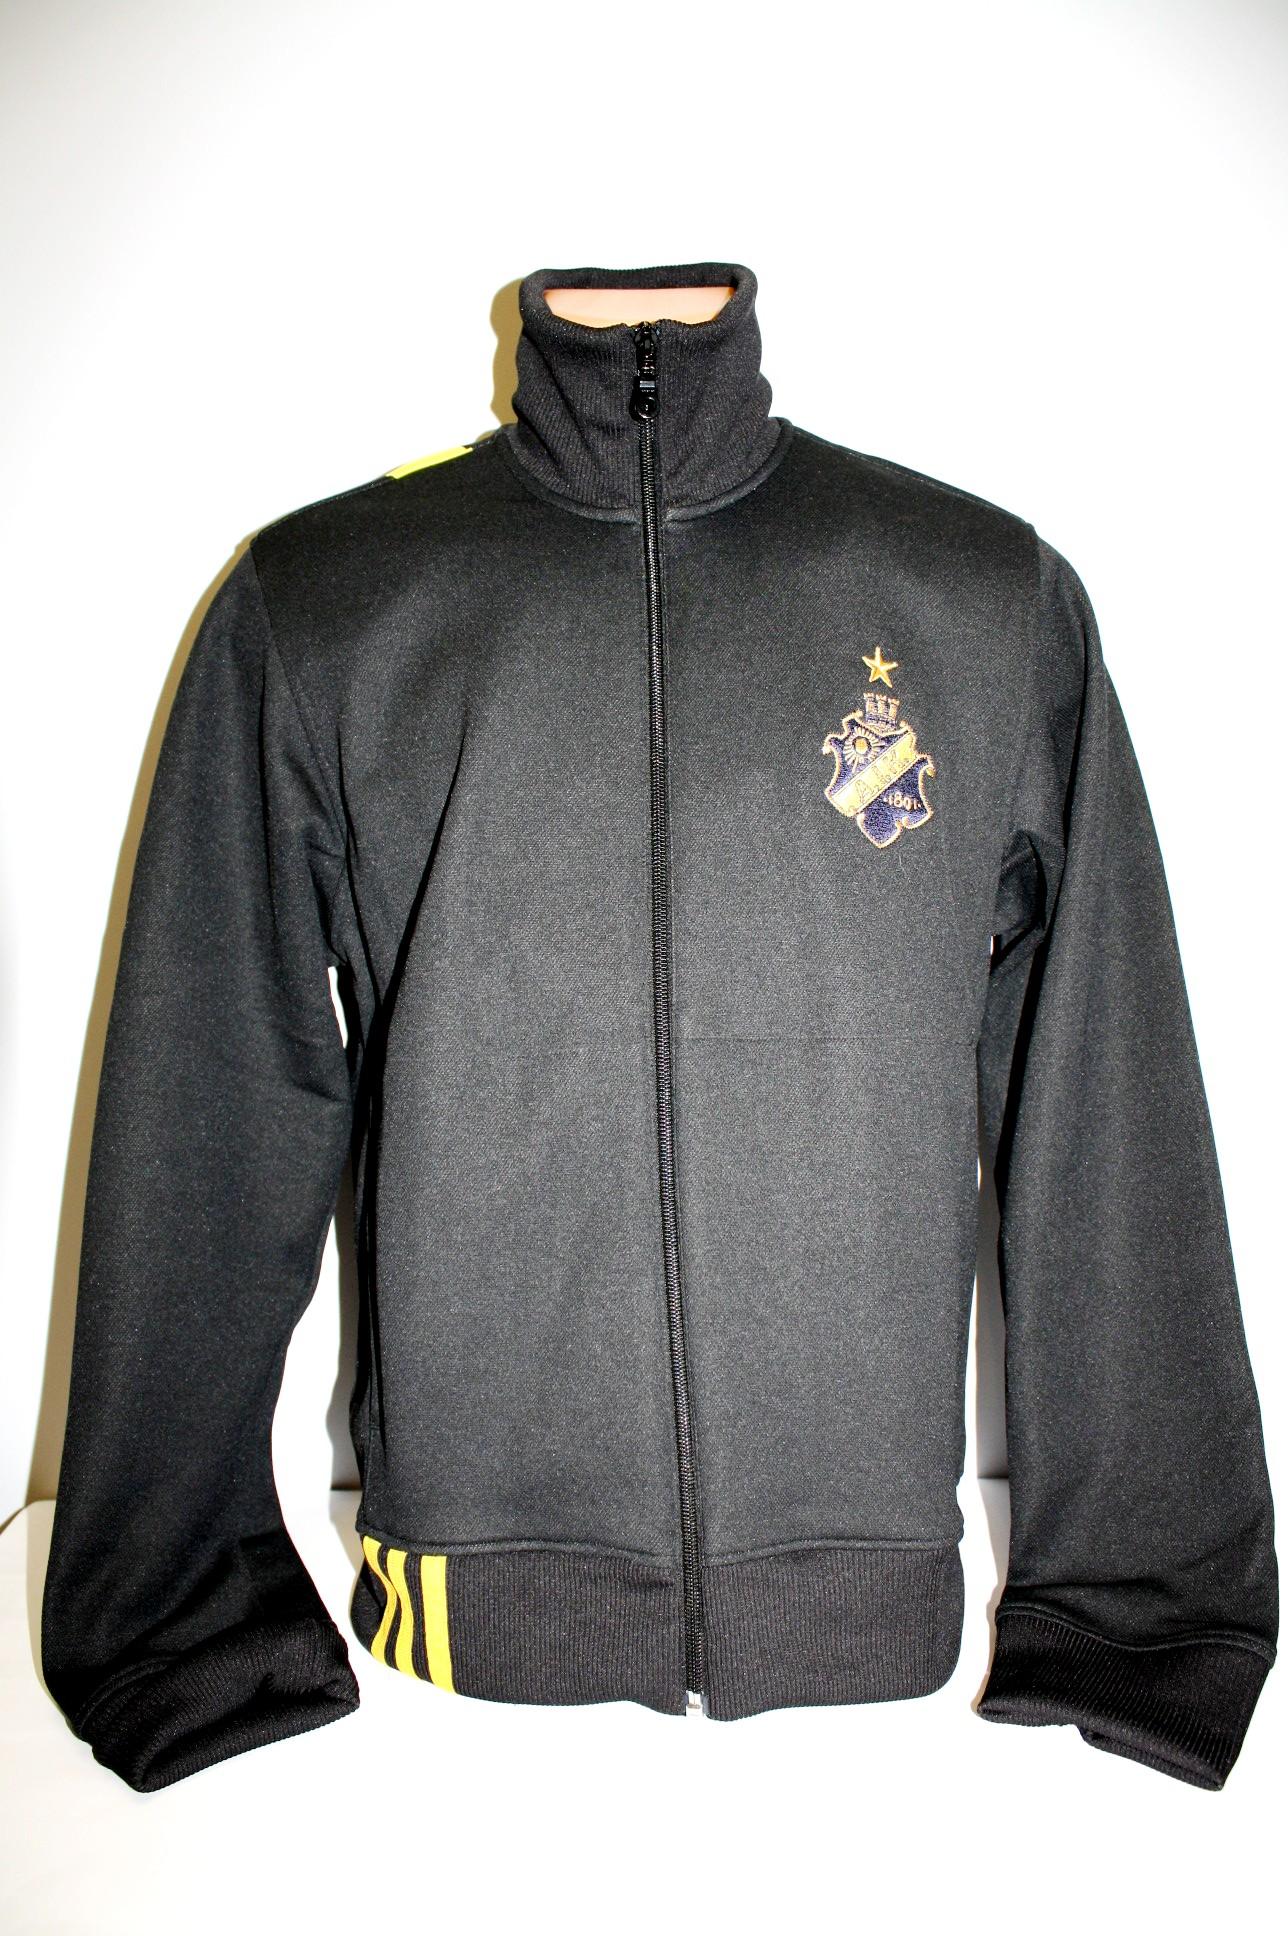 ... Mikina-bunda Adidas pánská AIK TRACK TOP - klikněte pro větší náhled 74874141b2